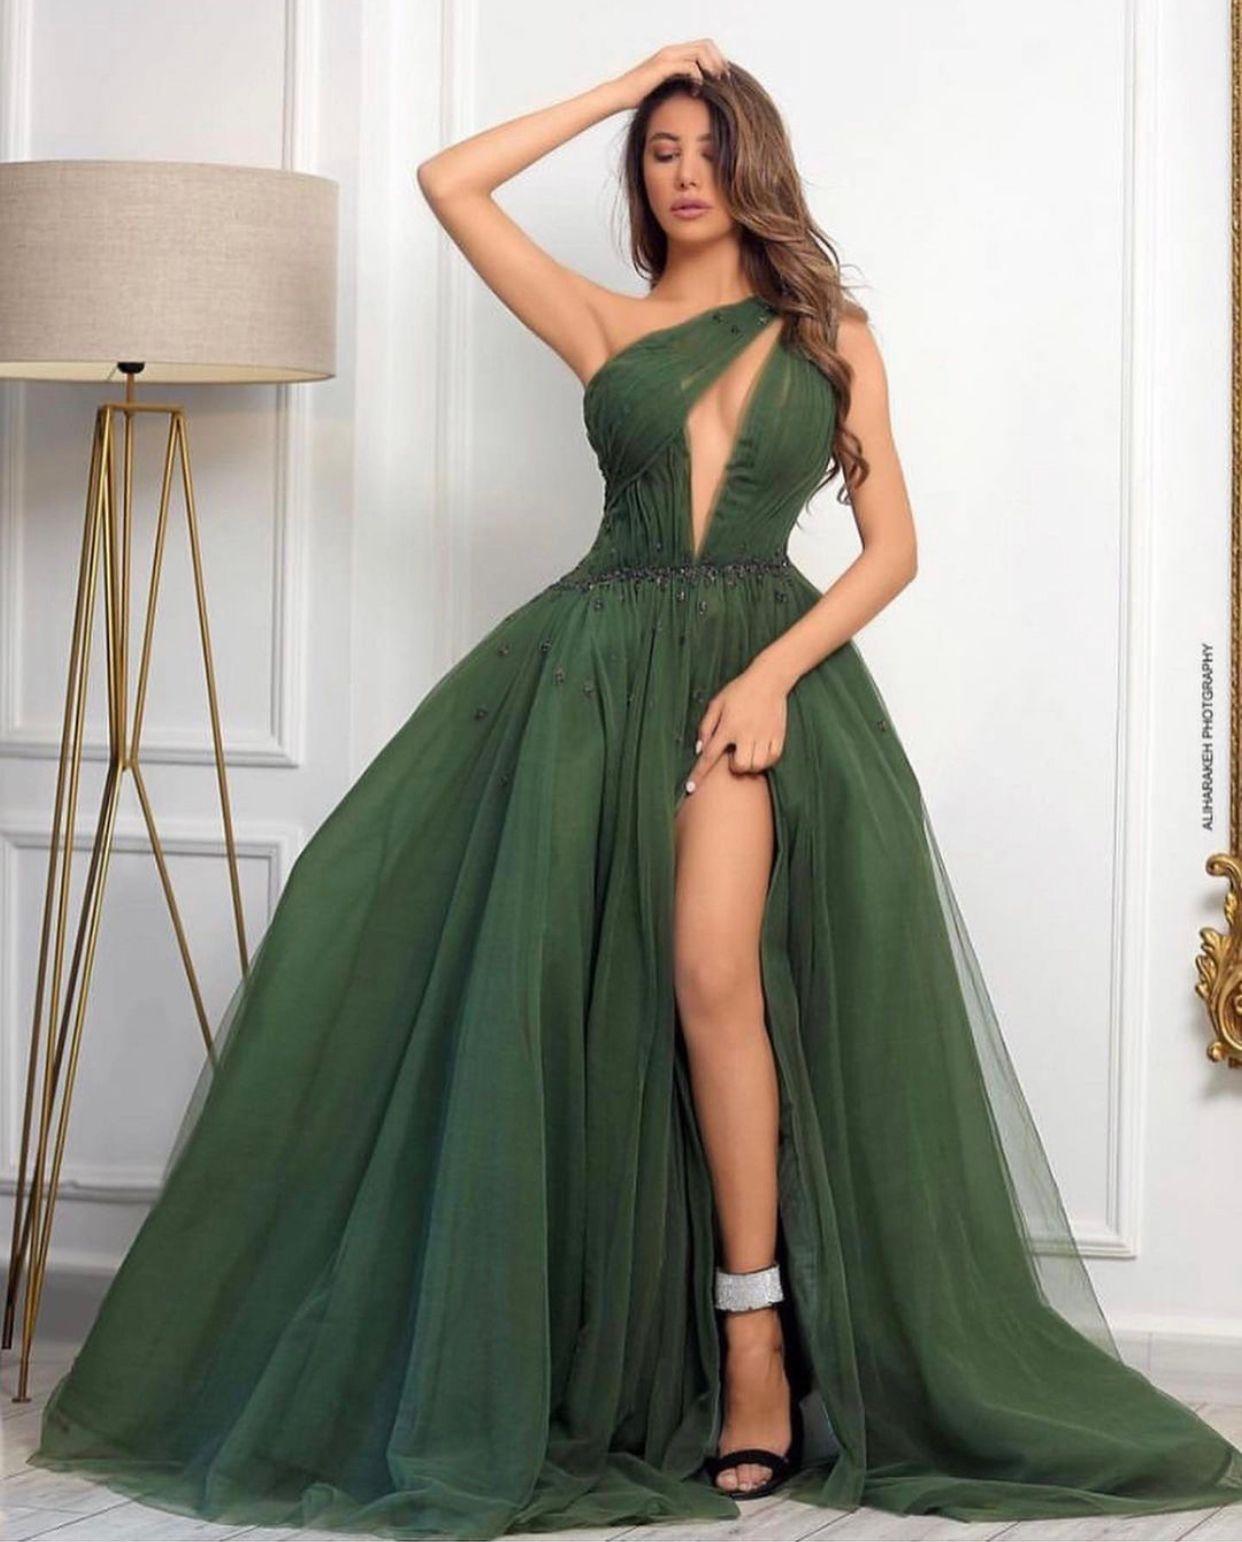 Vestidos de baile verde escuro 2021 com um ombro keyhole decote alto split vestido de noite concurso de festa de festa especial ocasião aniversário Dubai